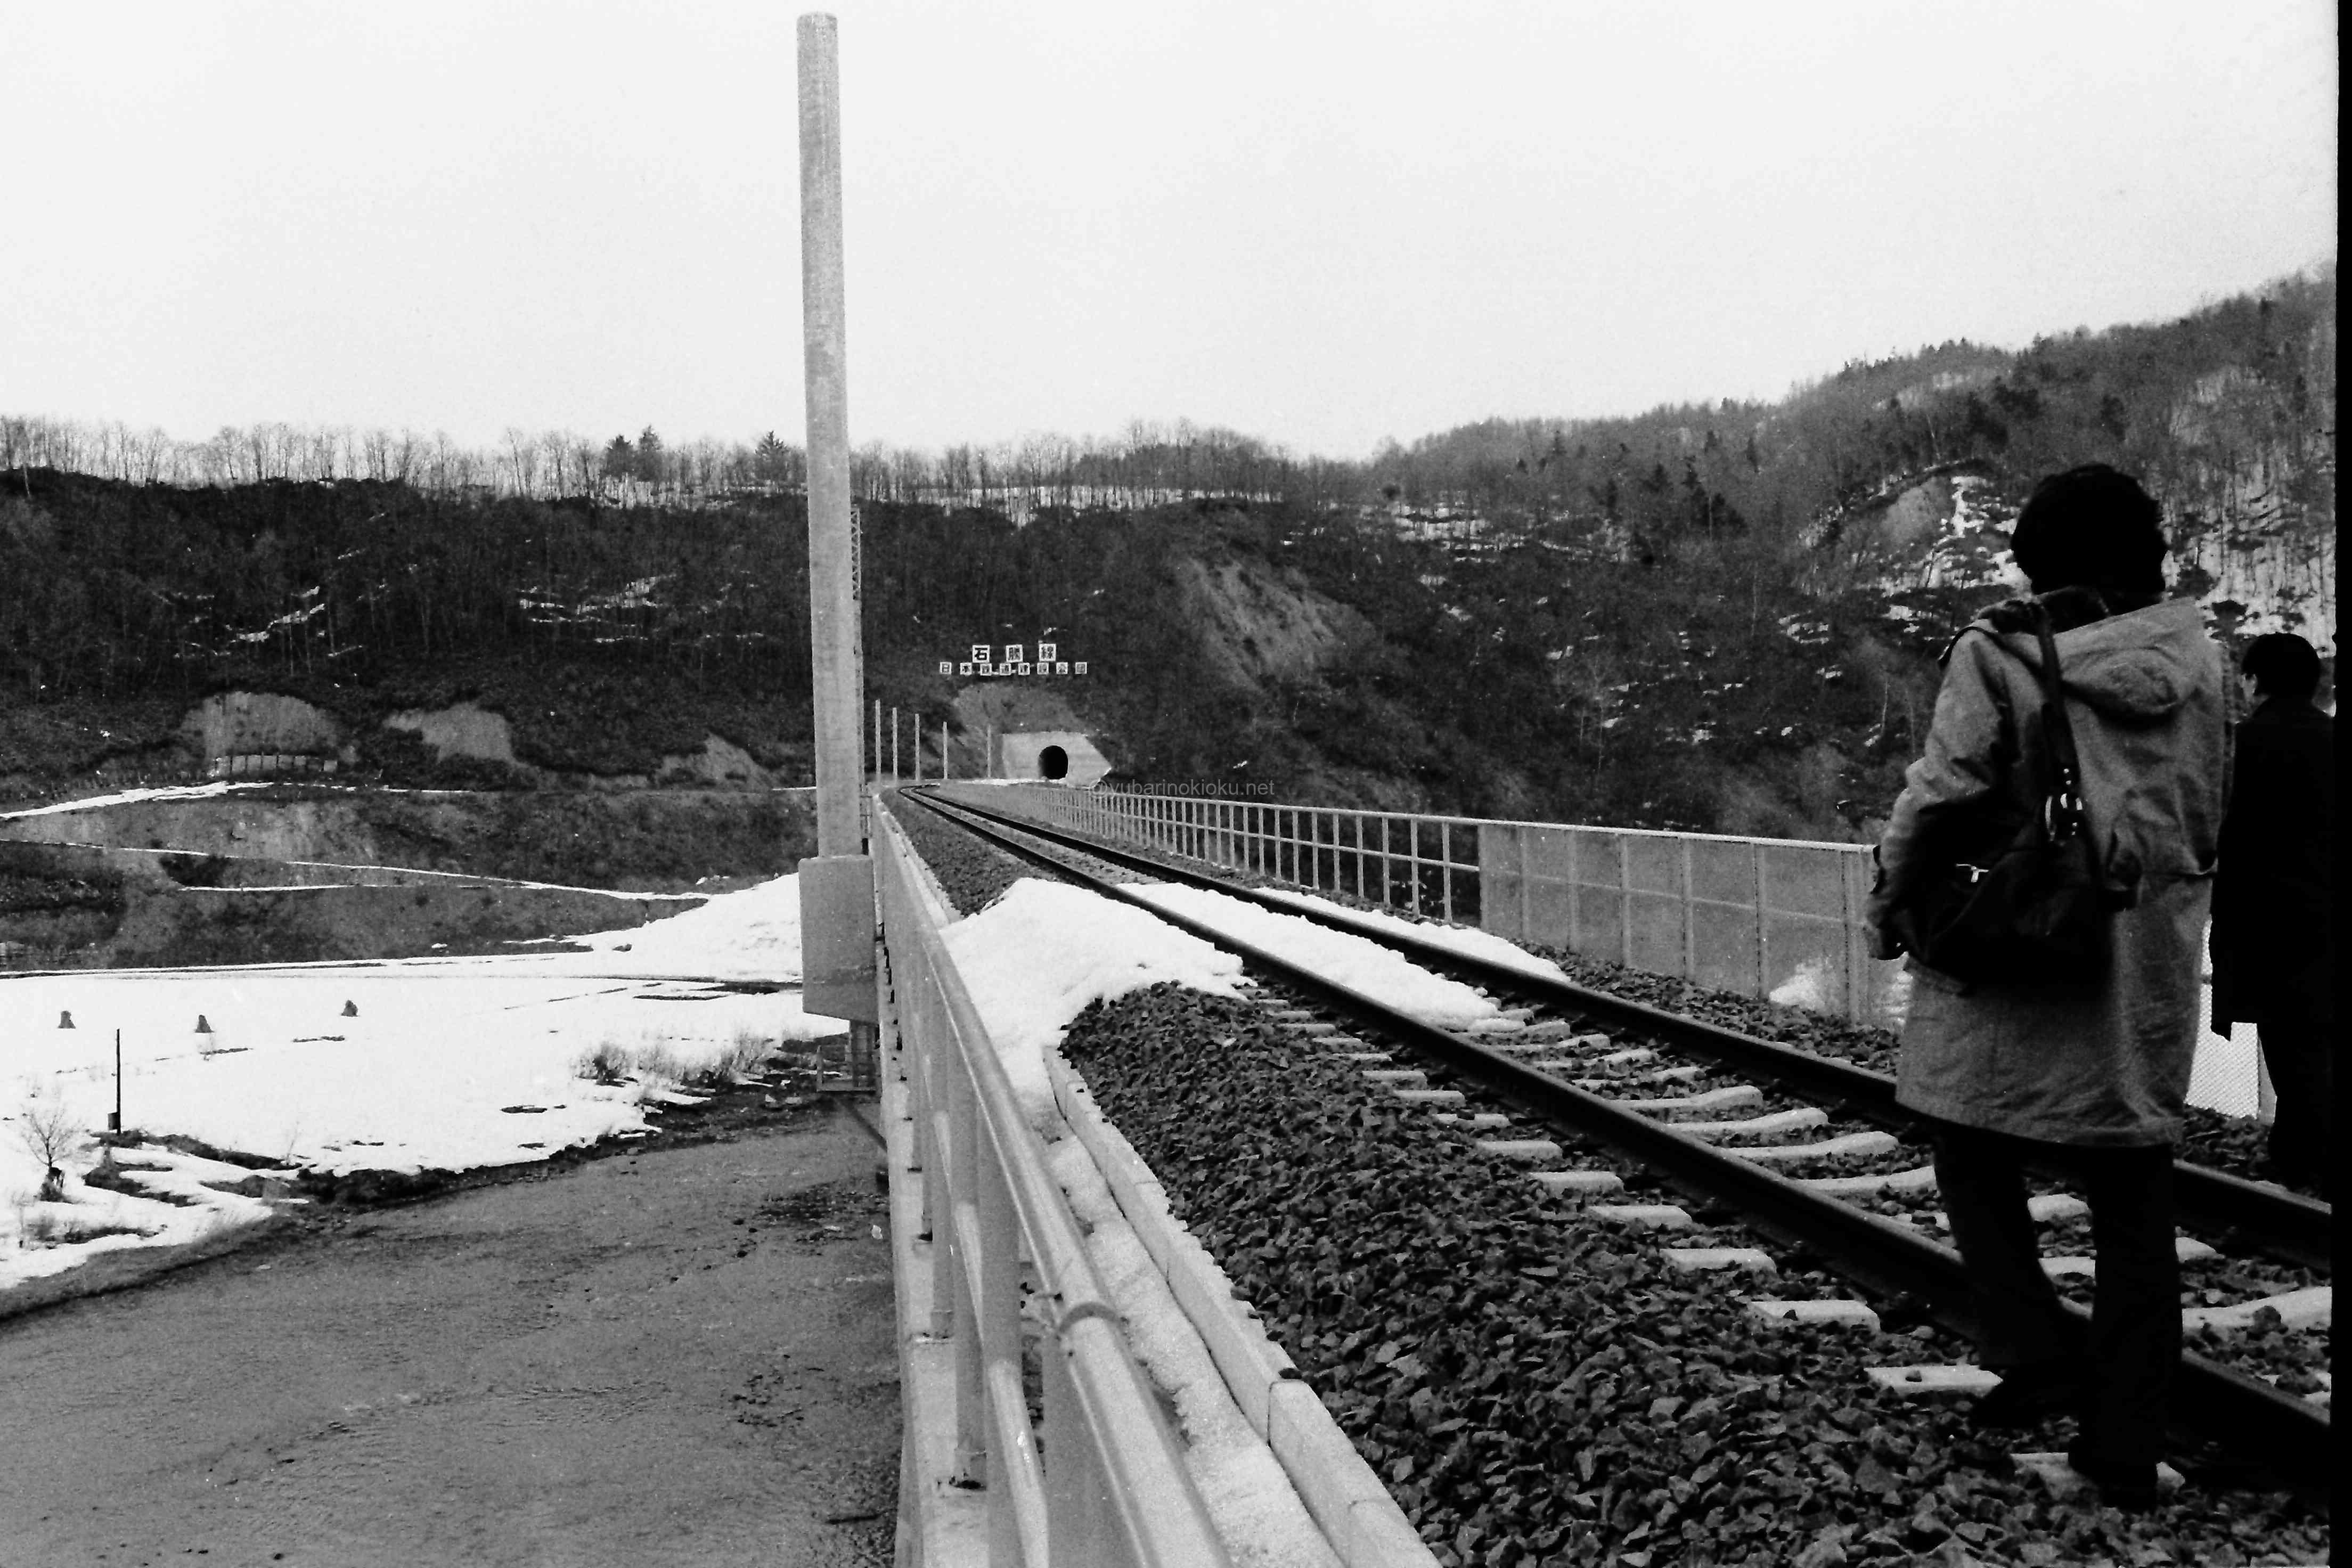 石勝線開通に向けて、夕張川橋梁を公開?